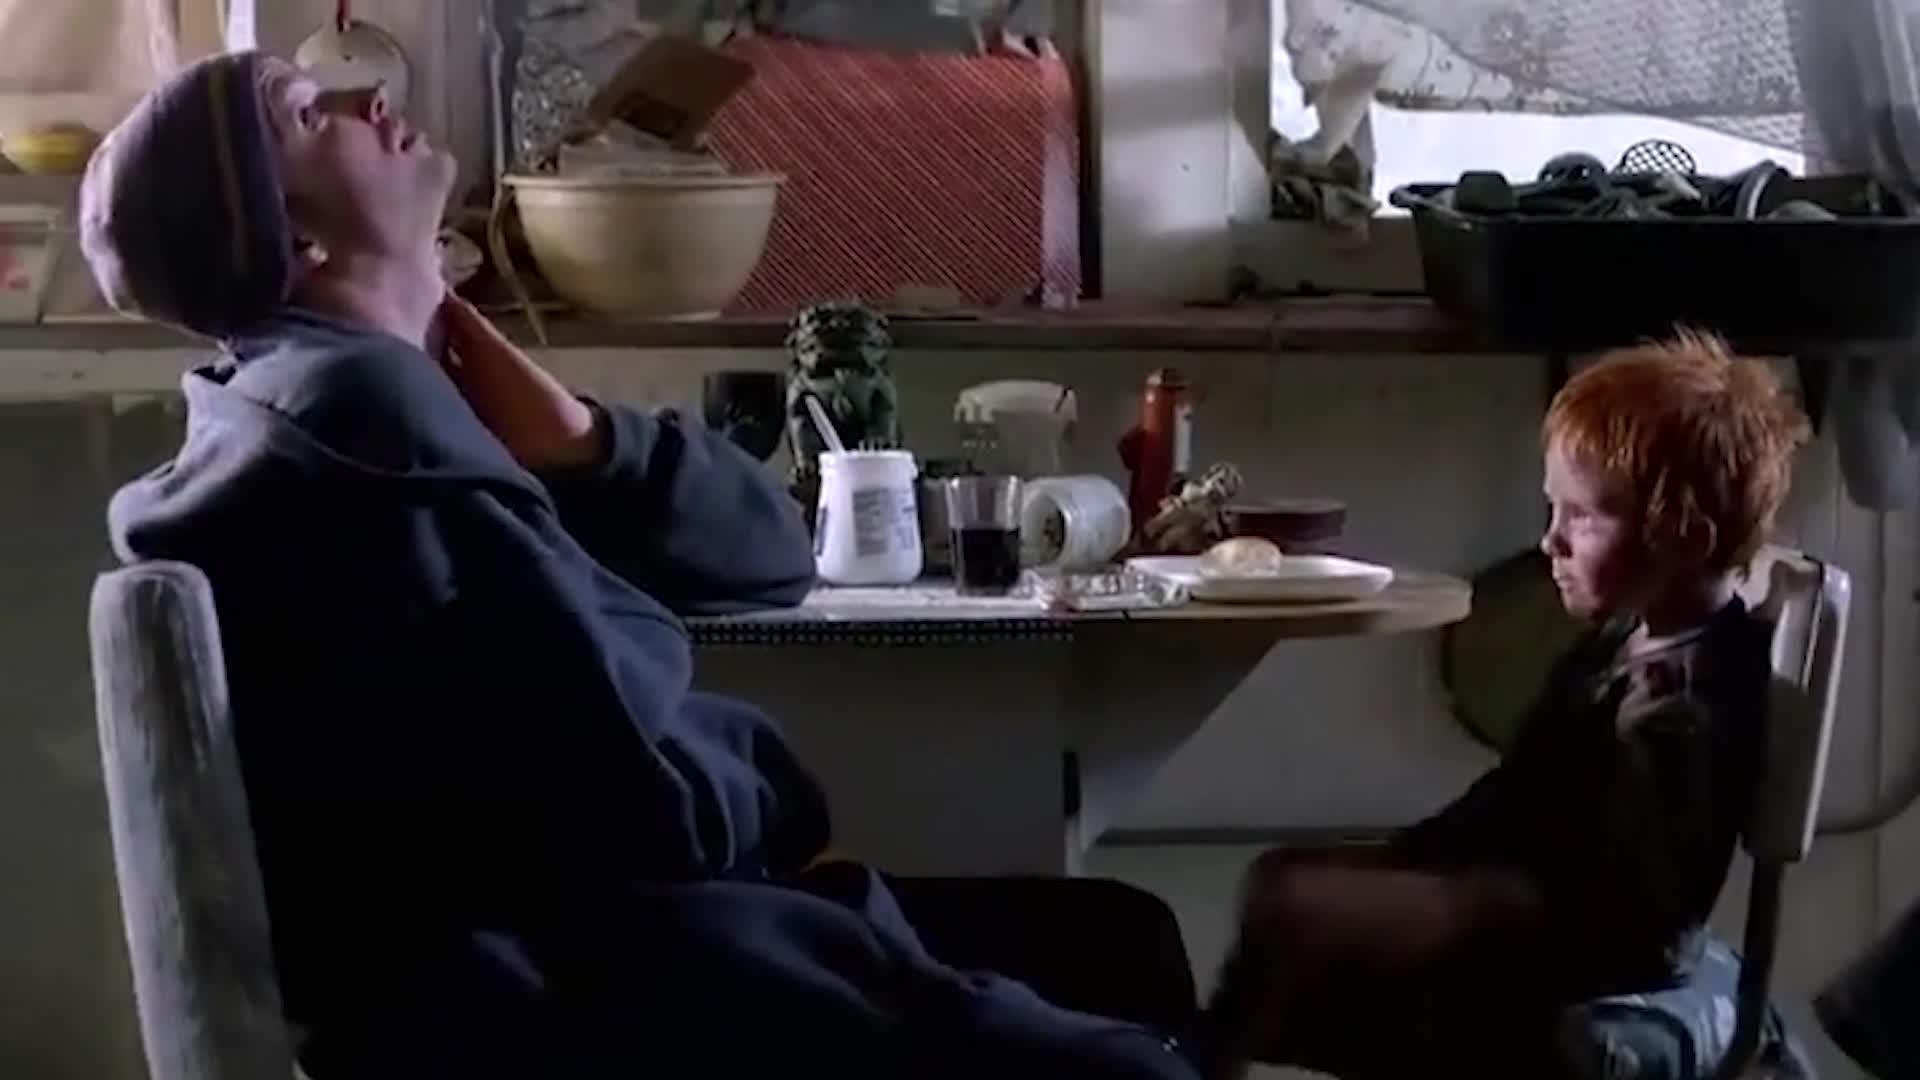 小伙无聊的看着小男孩吃饭,试图和小男孩互动,并成功逗笑了他